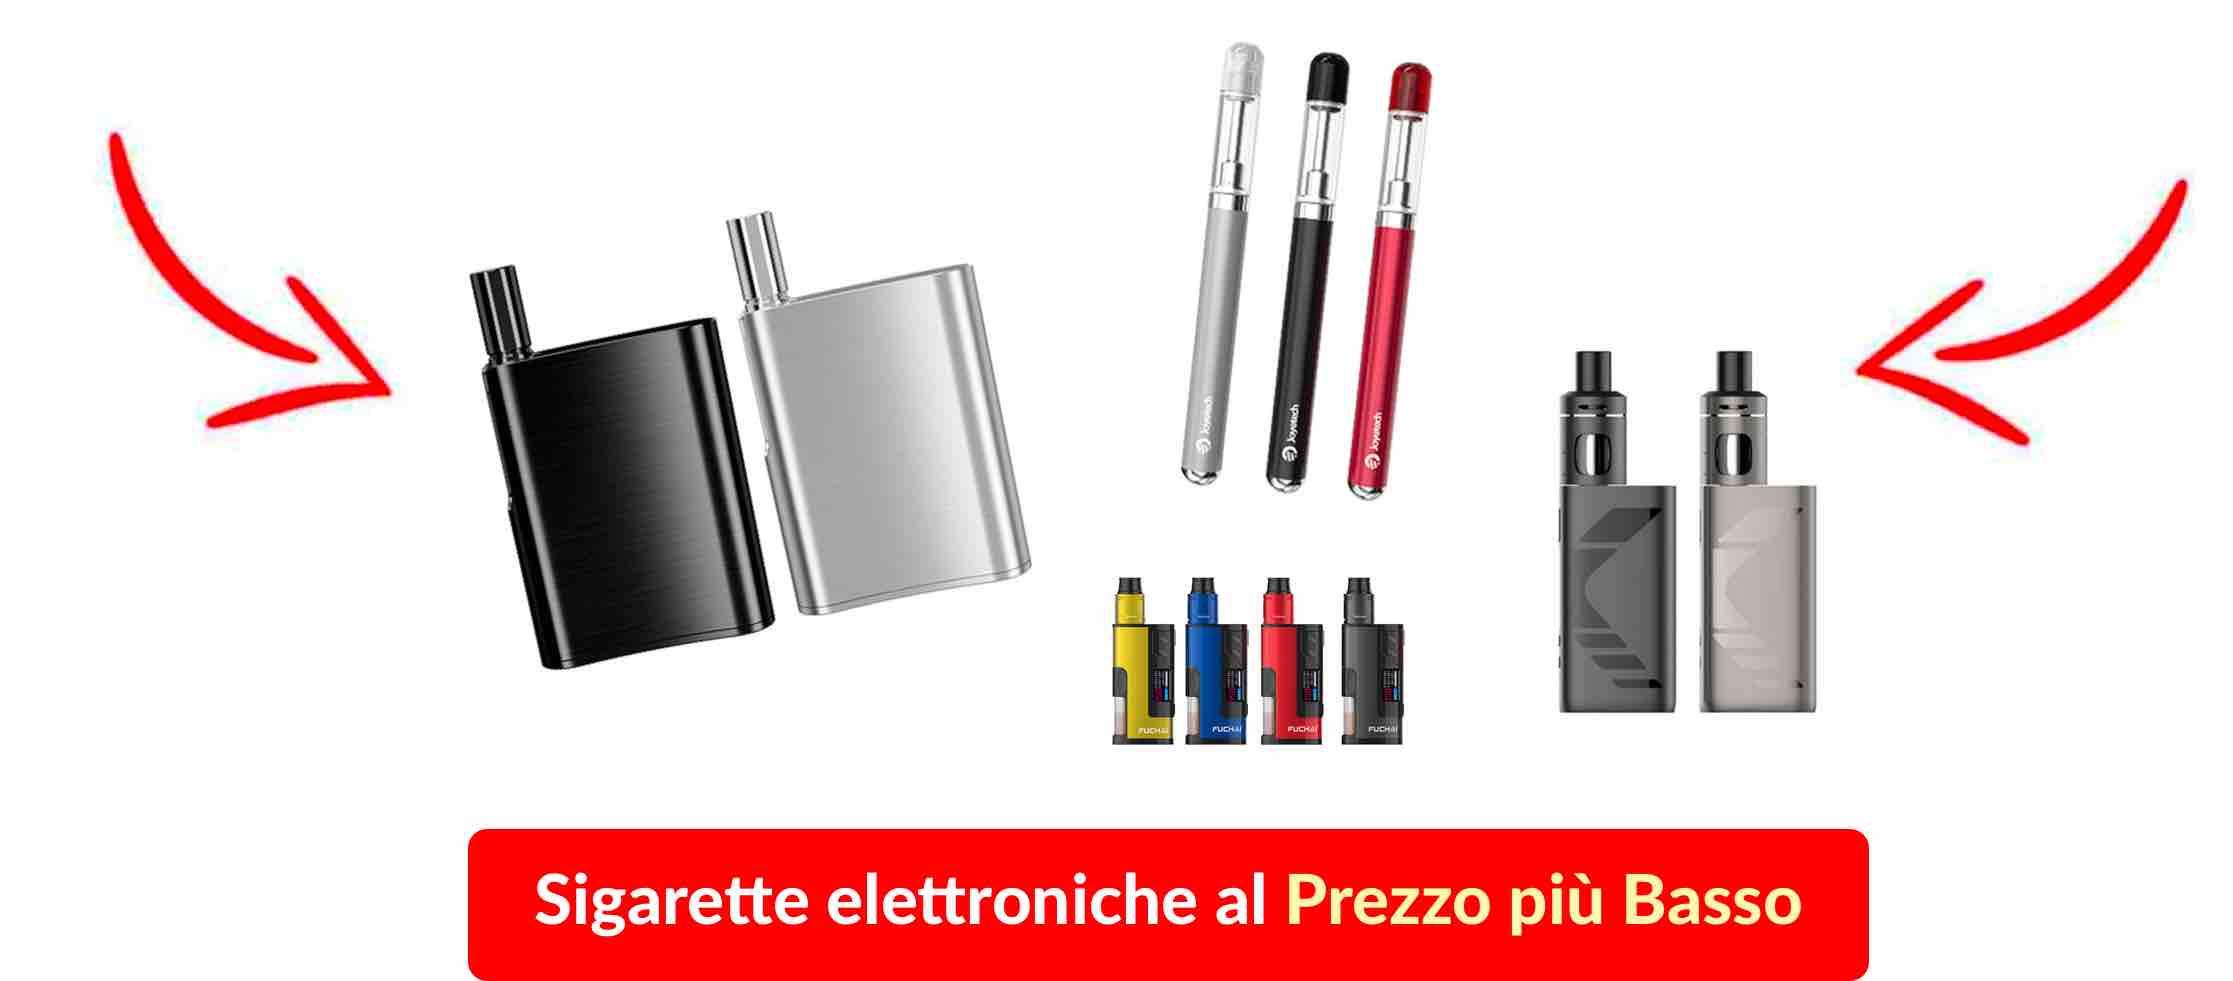 una collezione di sigarette elettroniche